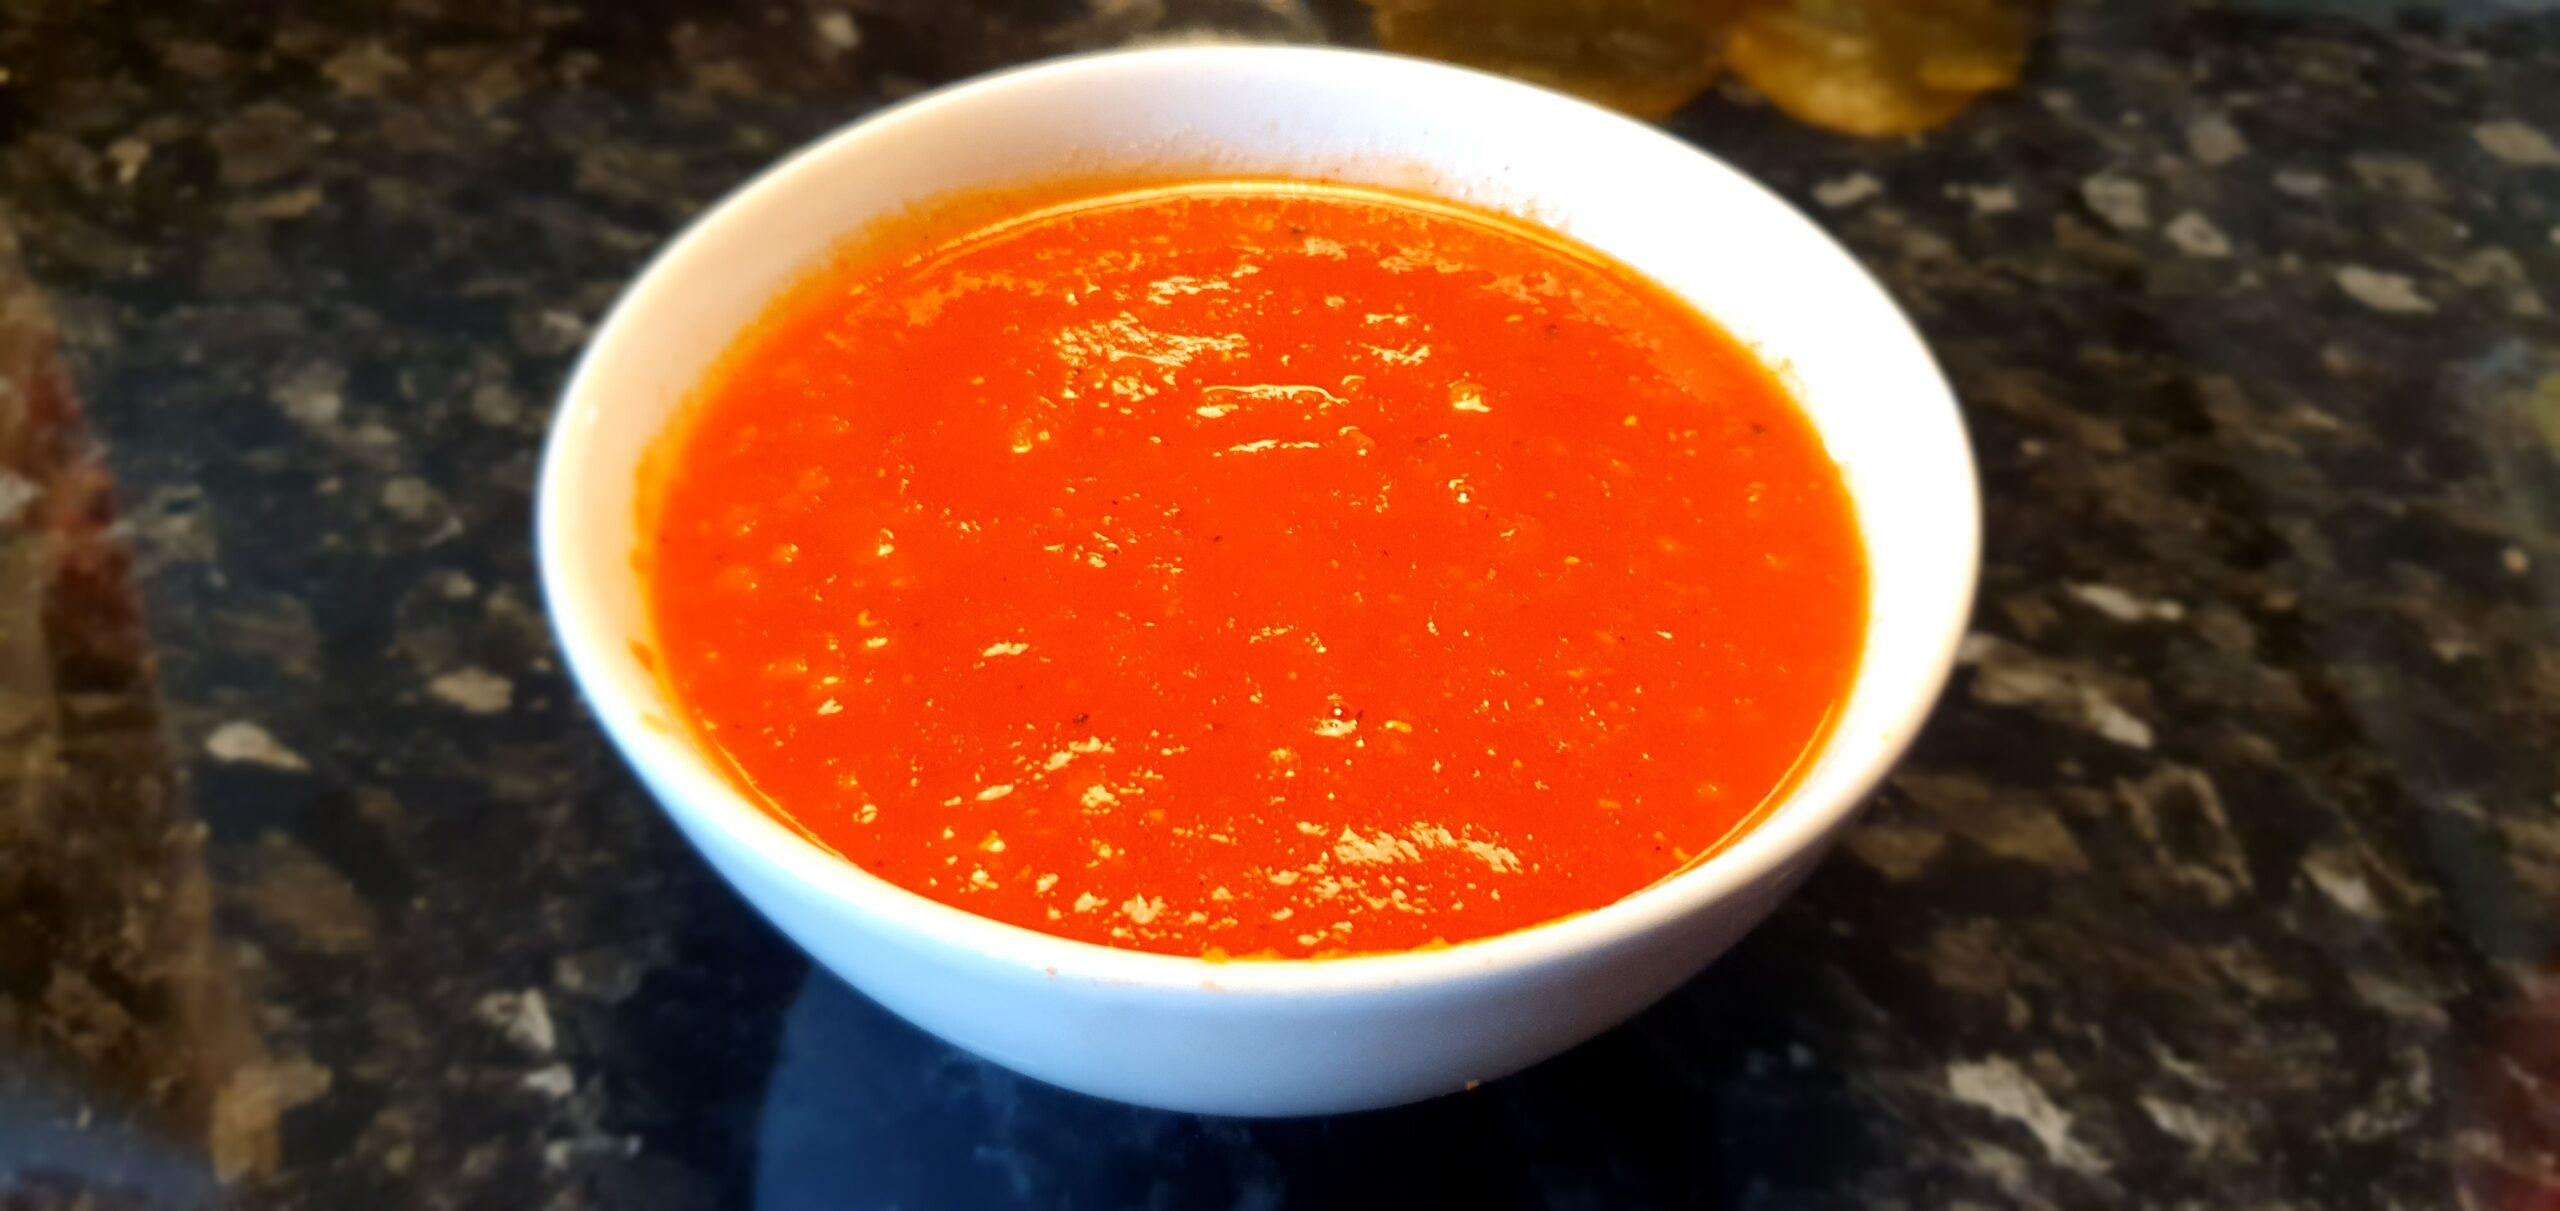 Enklaste tomatsoppan